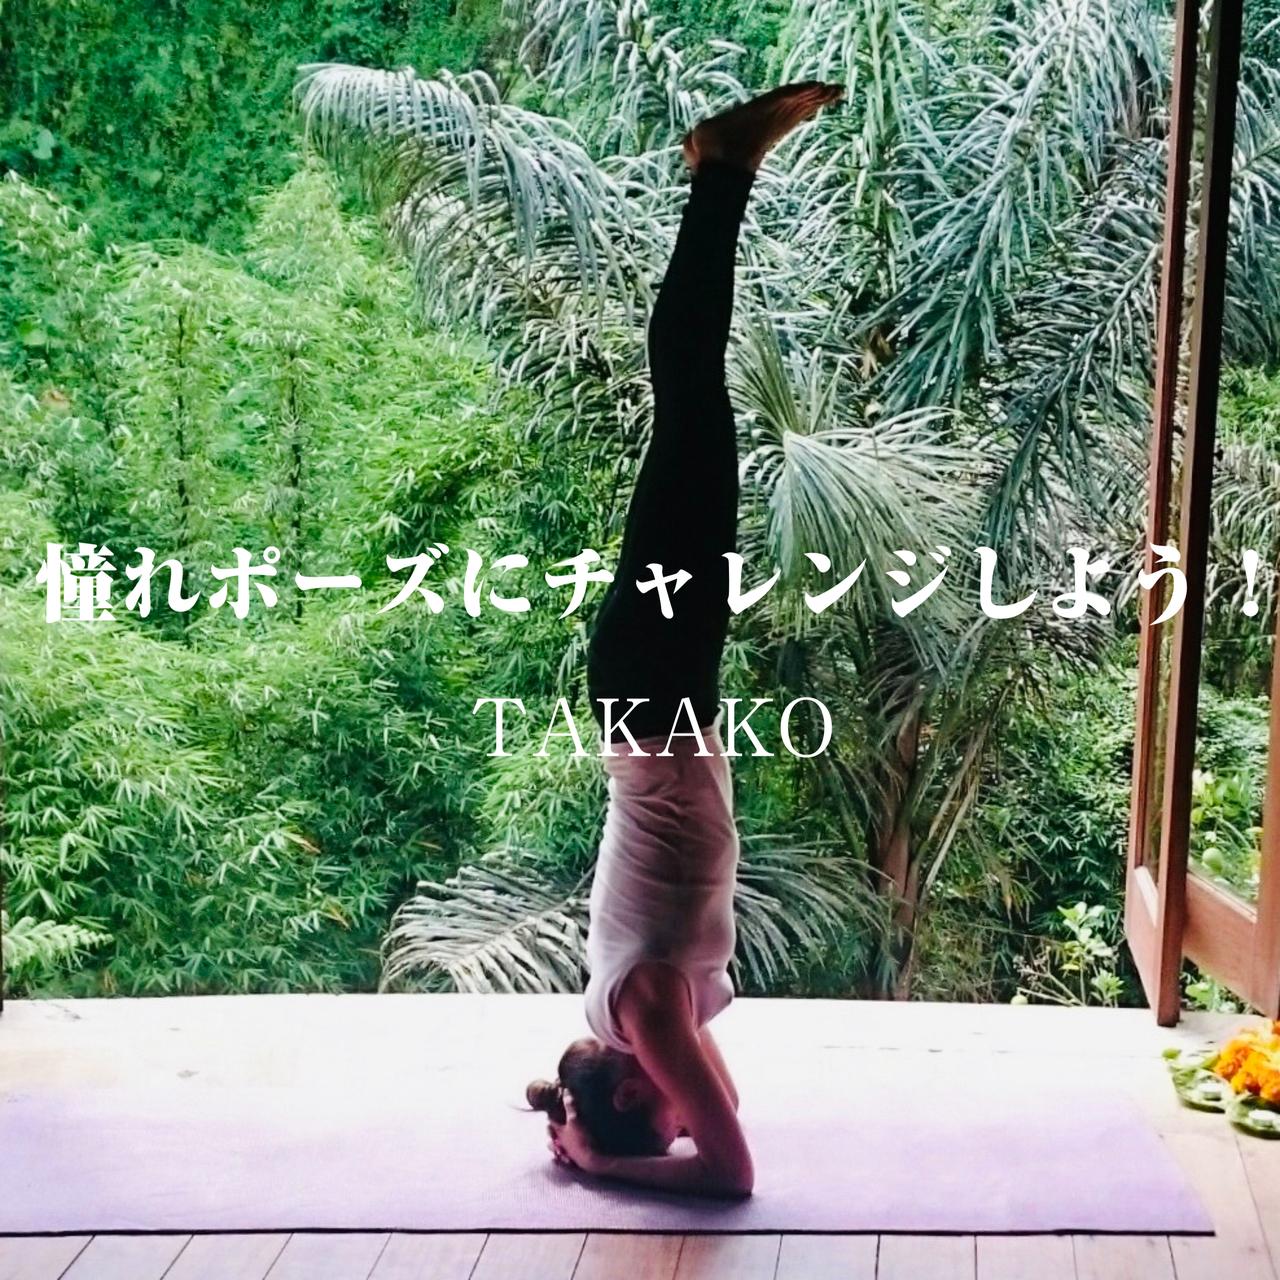 憧れポーズにチャレンジしよう!〜7.8.9月は極楽鳥のポーズ編〜/講師:takako【運動量★★★★★】